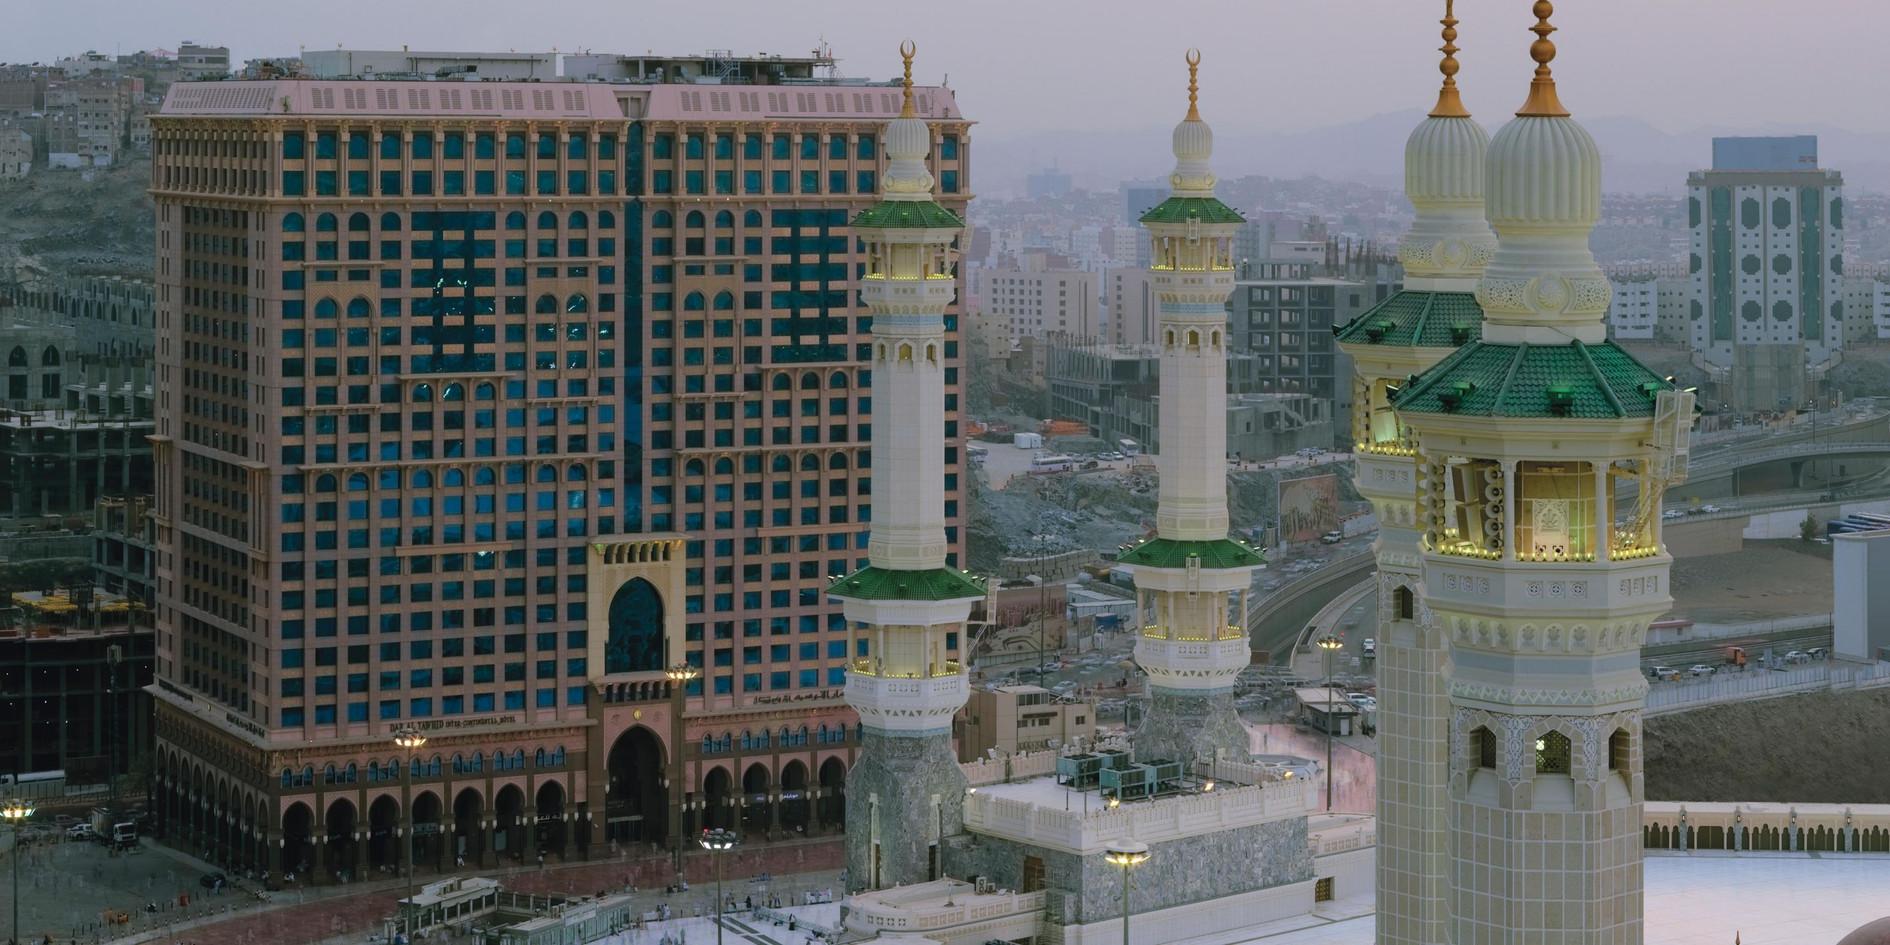 intercontinental-makkah-4178759596-2x1.j